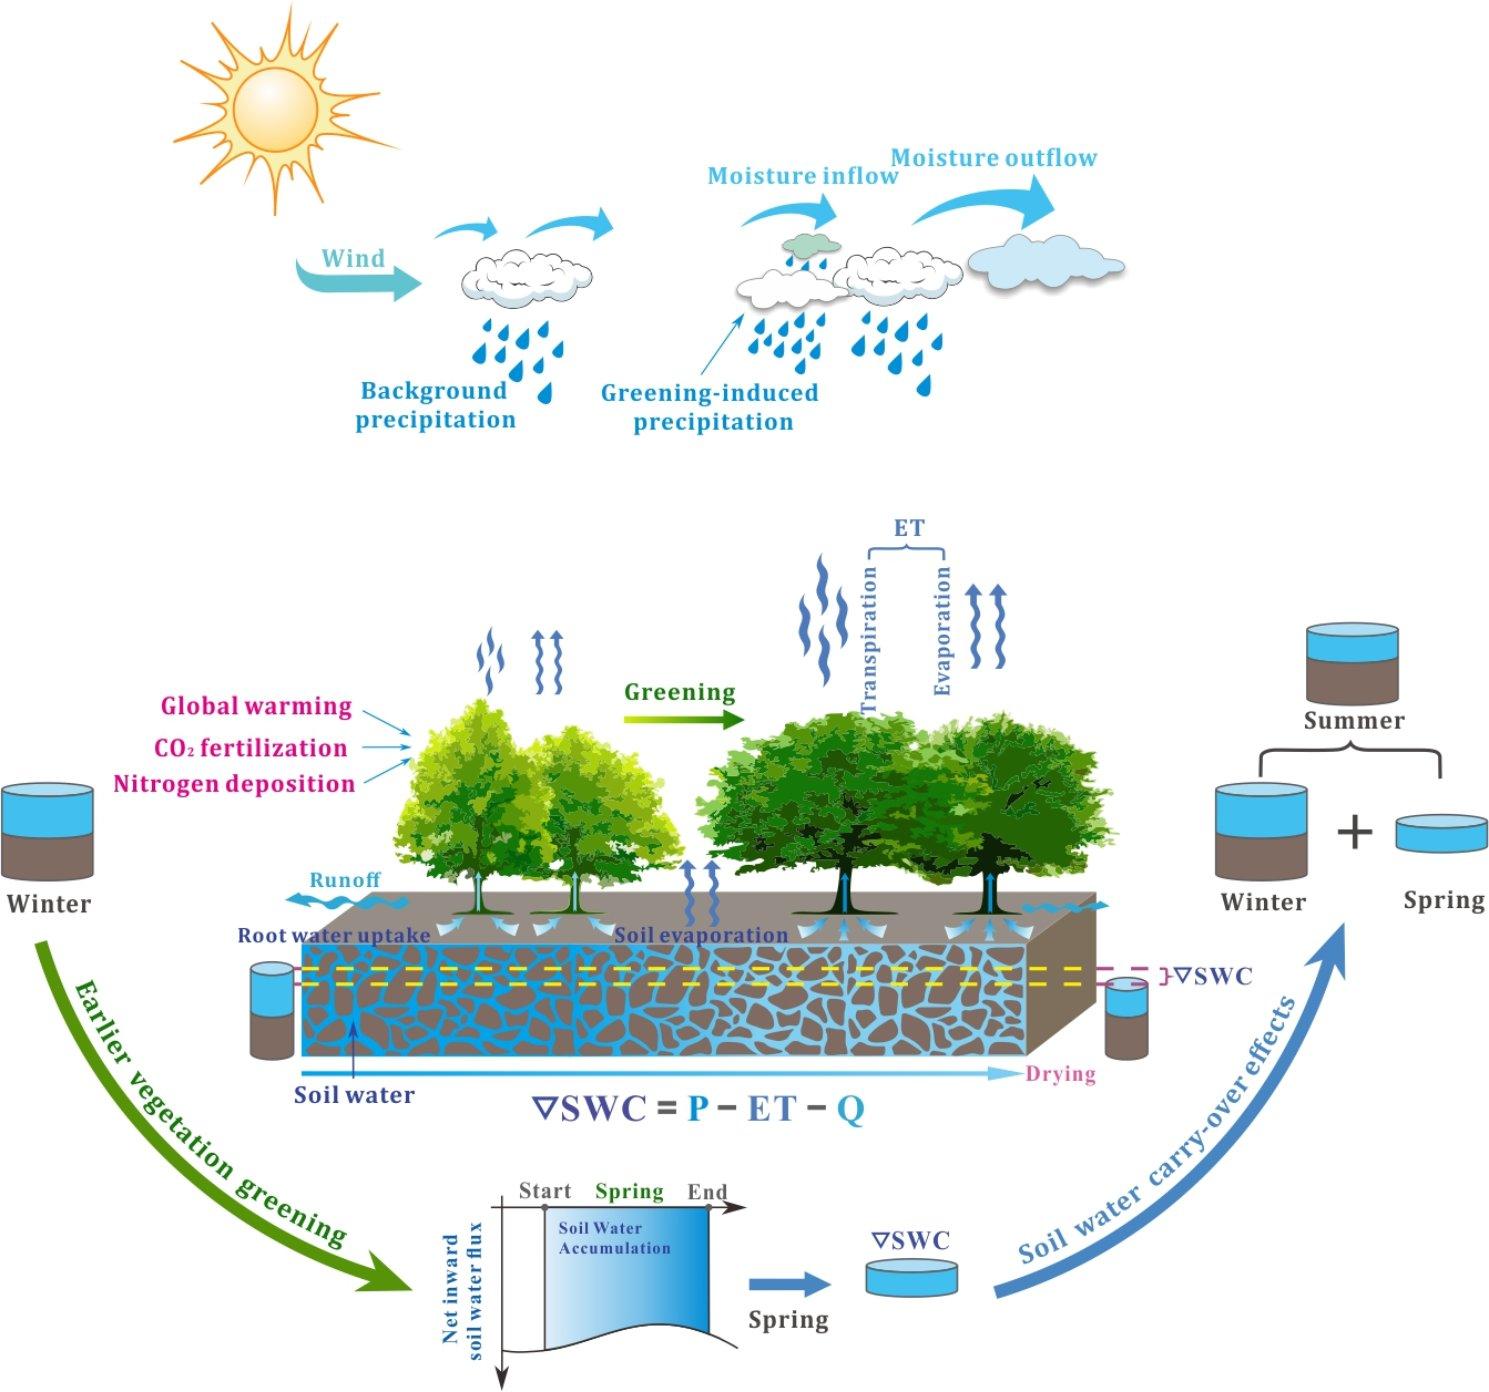 北京大学朴世龙课题组在Science Advances发表论文 揭示北半球植被春季物候提前加剧夏季干旱和热浪发生